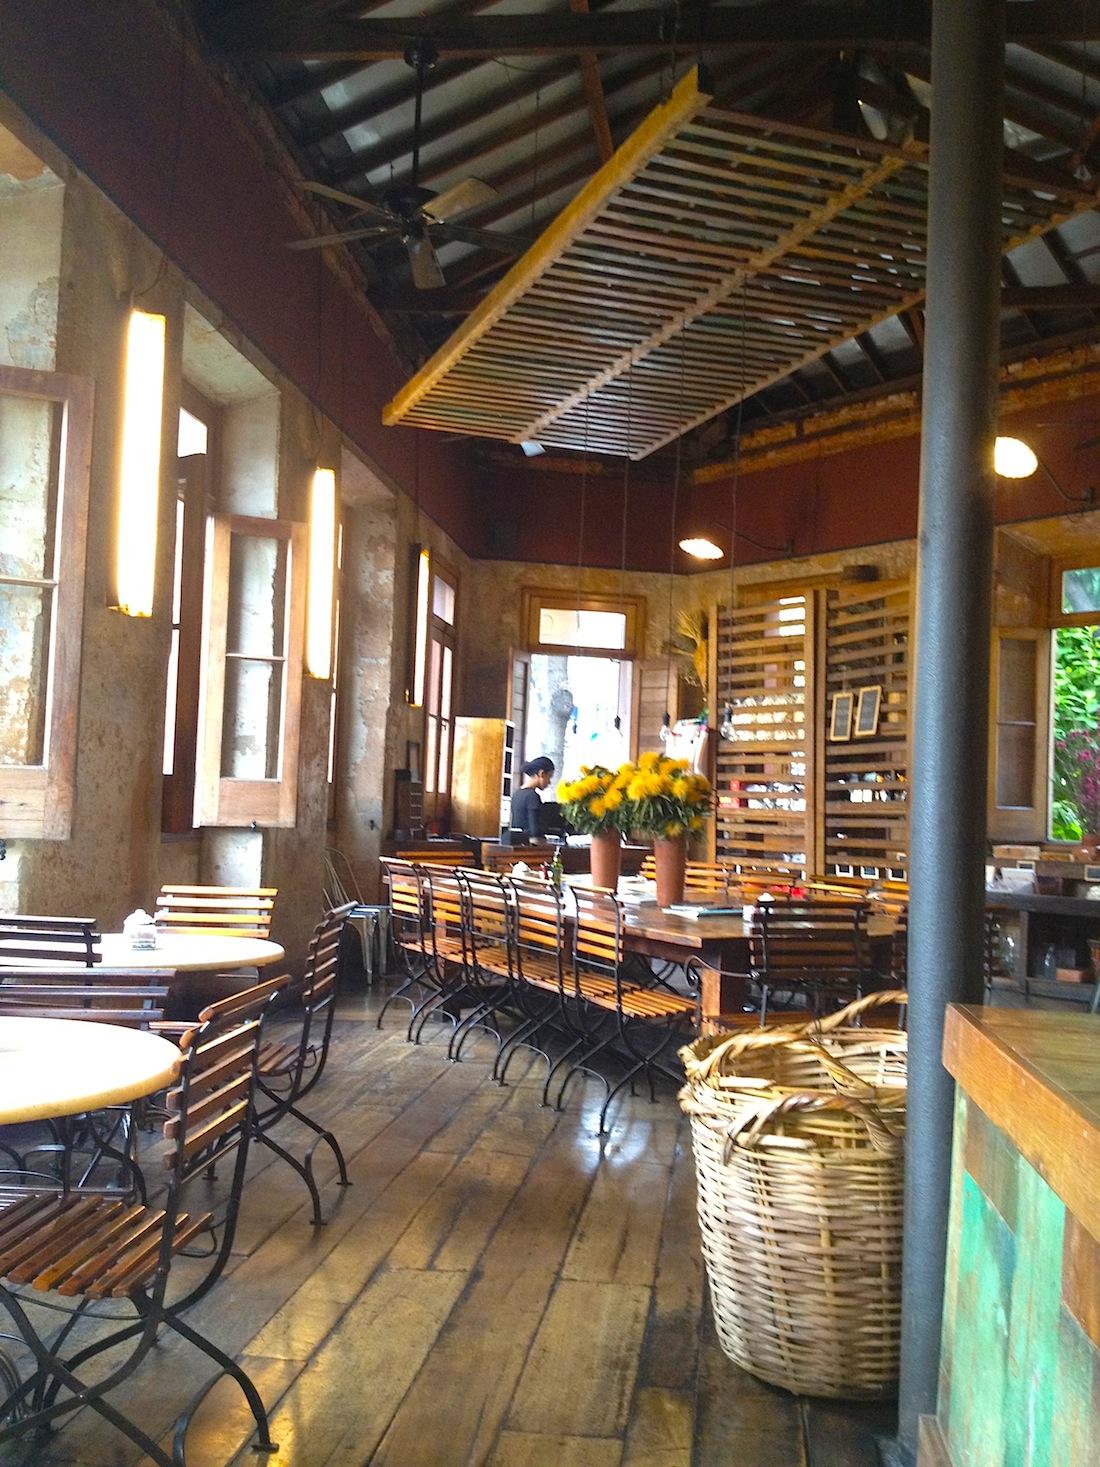 Crédito foto: http://annafasano.com.br/category/viagens/